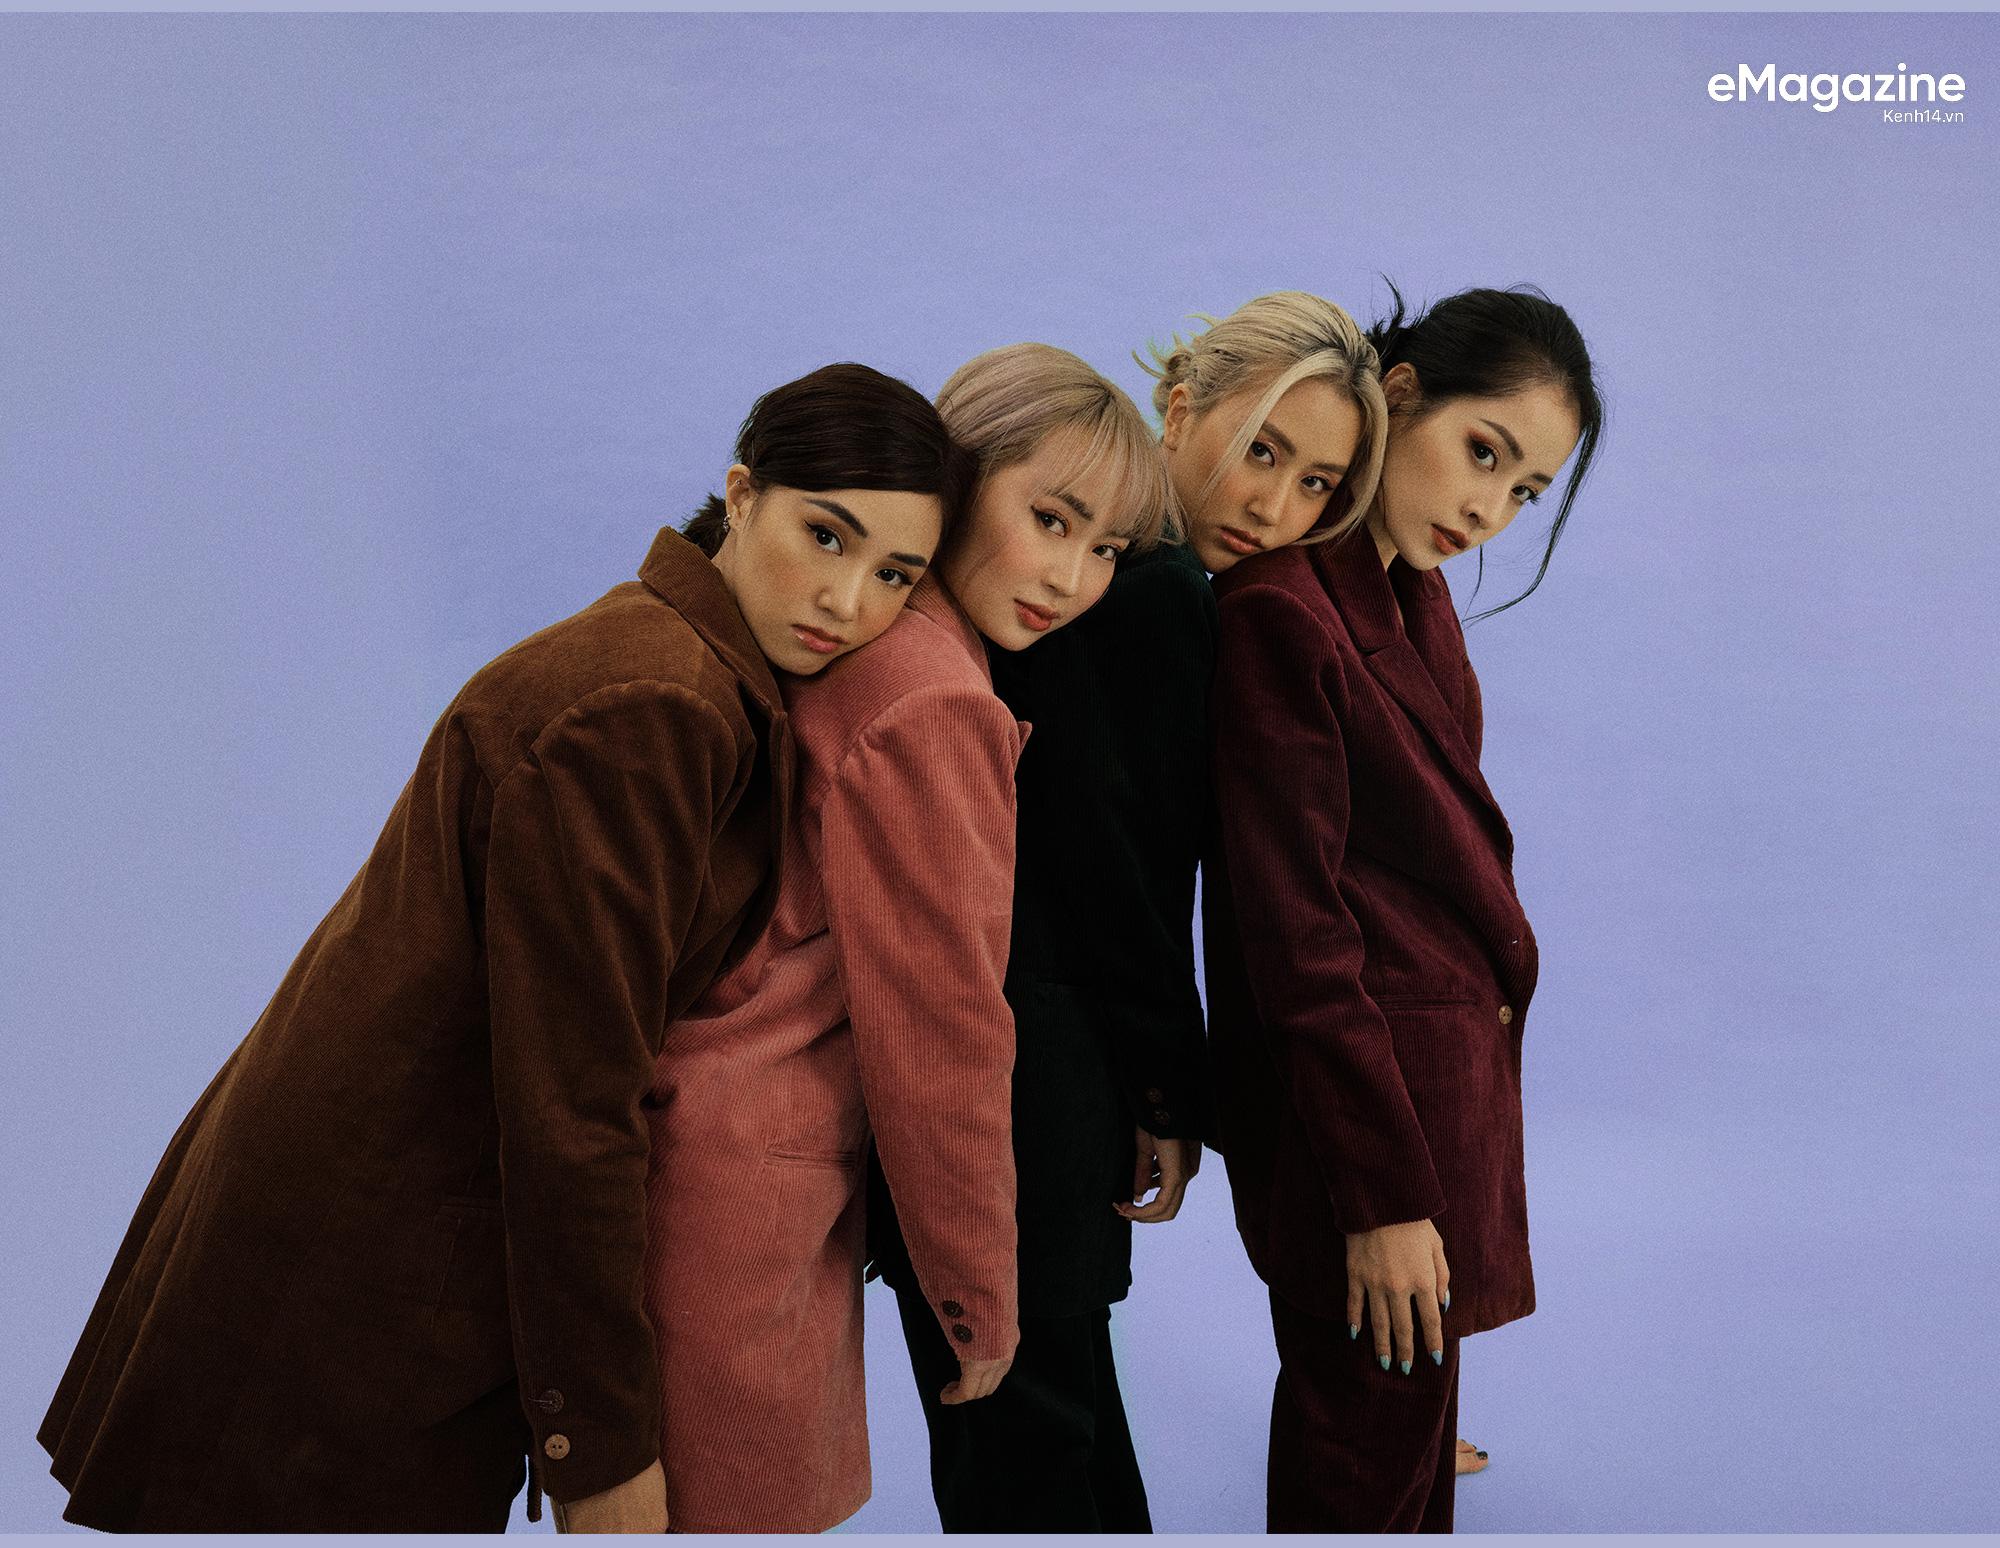 Chi Pu - Quỳnh Anh Shyn - Salim - SunHT: Không chỉ xinh đẹp và nổi tiếng, 4 cô gái này còn là hội bạn thân quyền lực nhất Việt Nam - Ảnh 11.